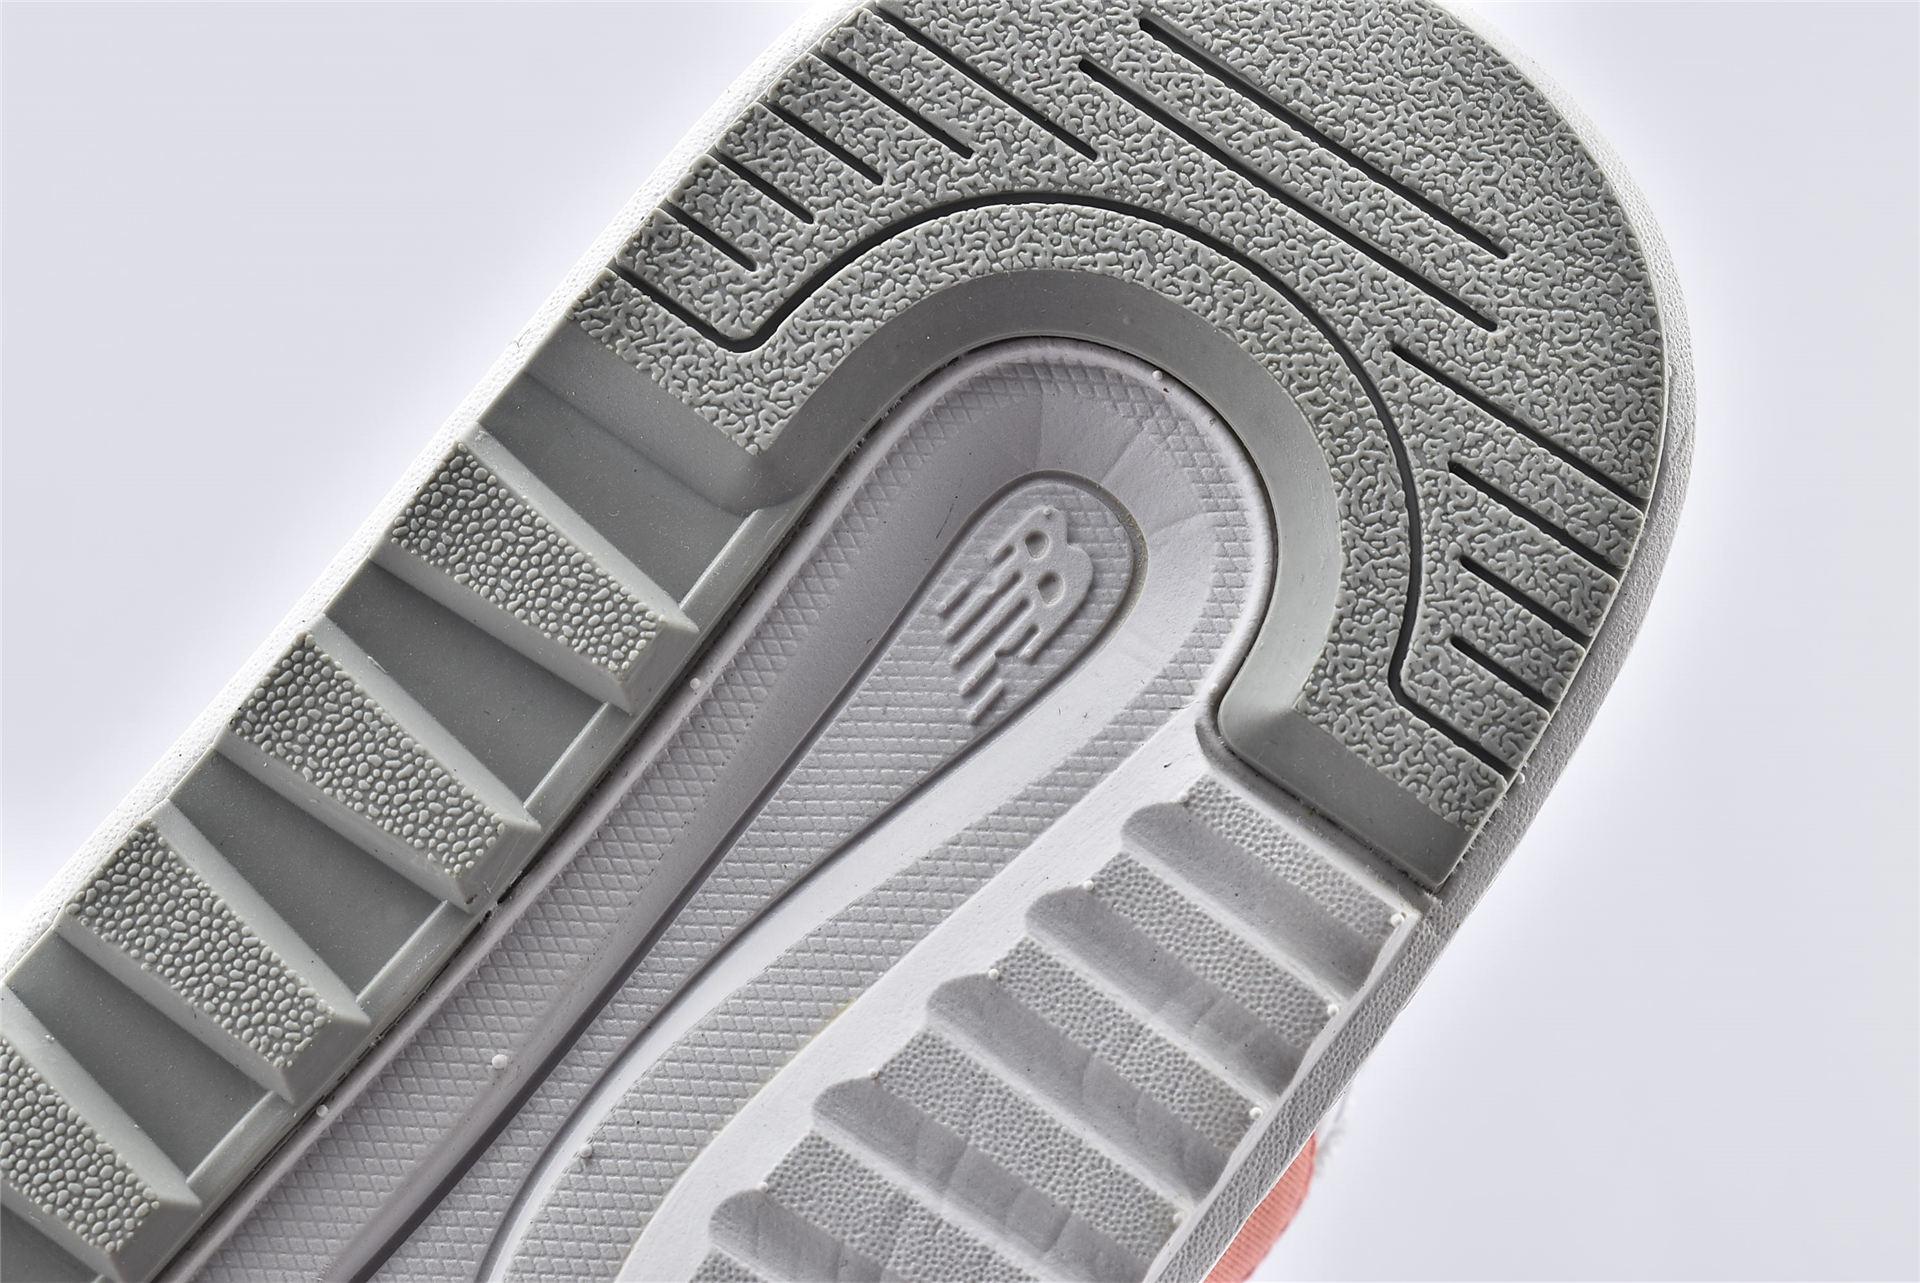 新百伦 New Balance x Noritake 联名款夏季沙滩联系/NB凉鞋 粉白 女孩【SDL7501N】 男女鞋  情侣款